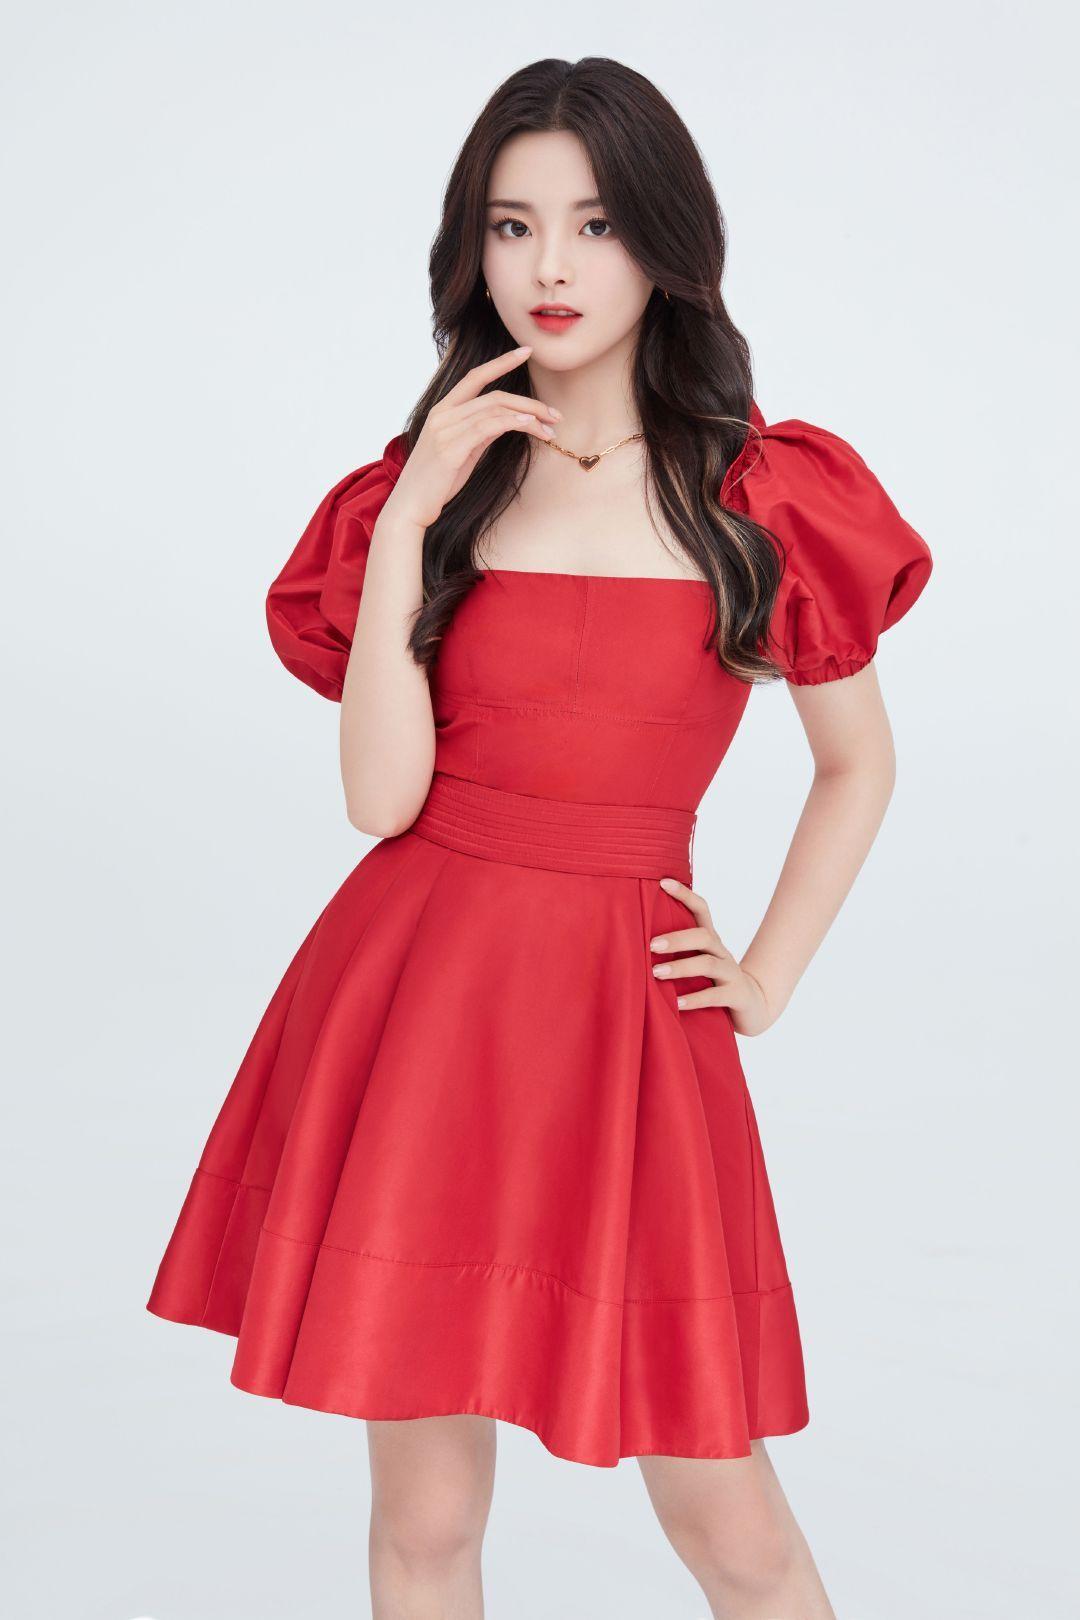 杨超越温柔到让人认不出,穿复古红泡泡袖连衣裙,化身城堡公主